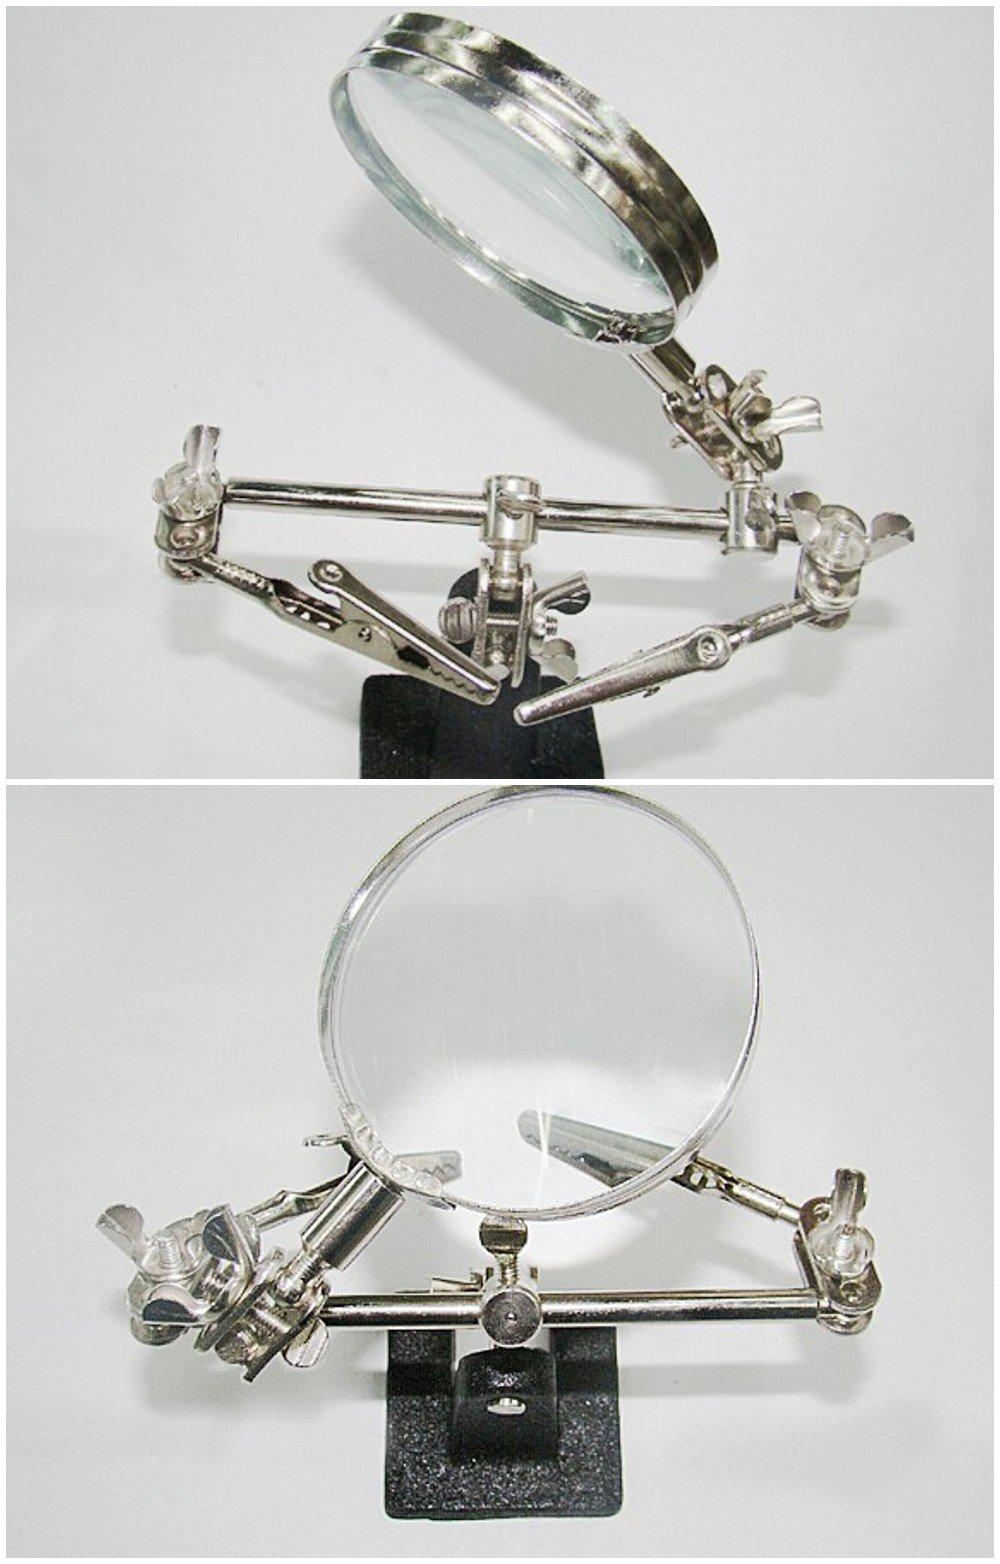 JZK Lupa con pinzas 60 mm 8x amplificación lupa soldadura con sostenedor,